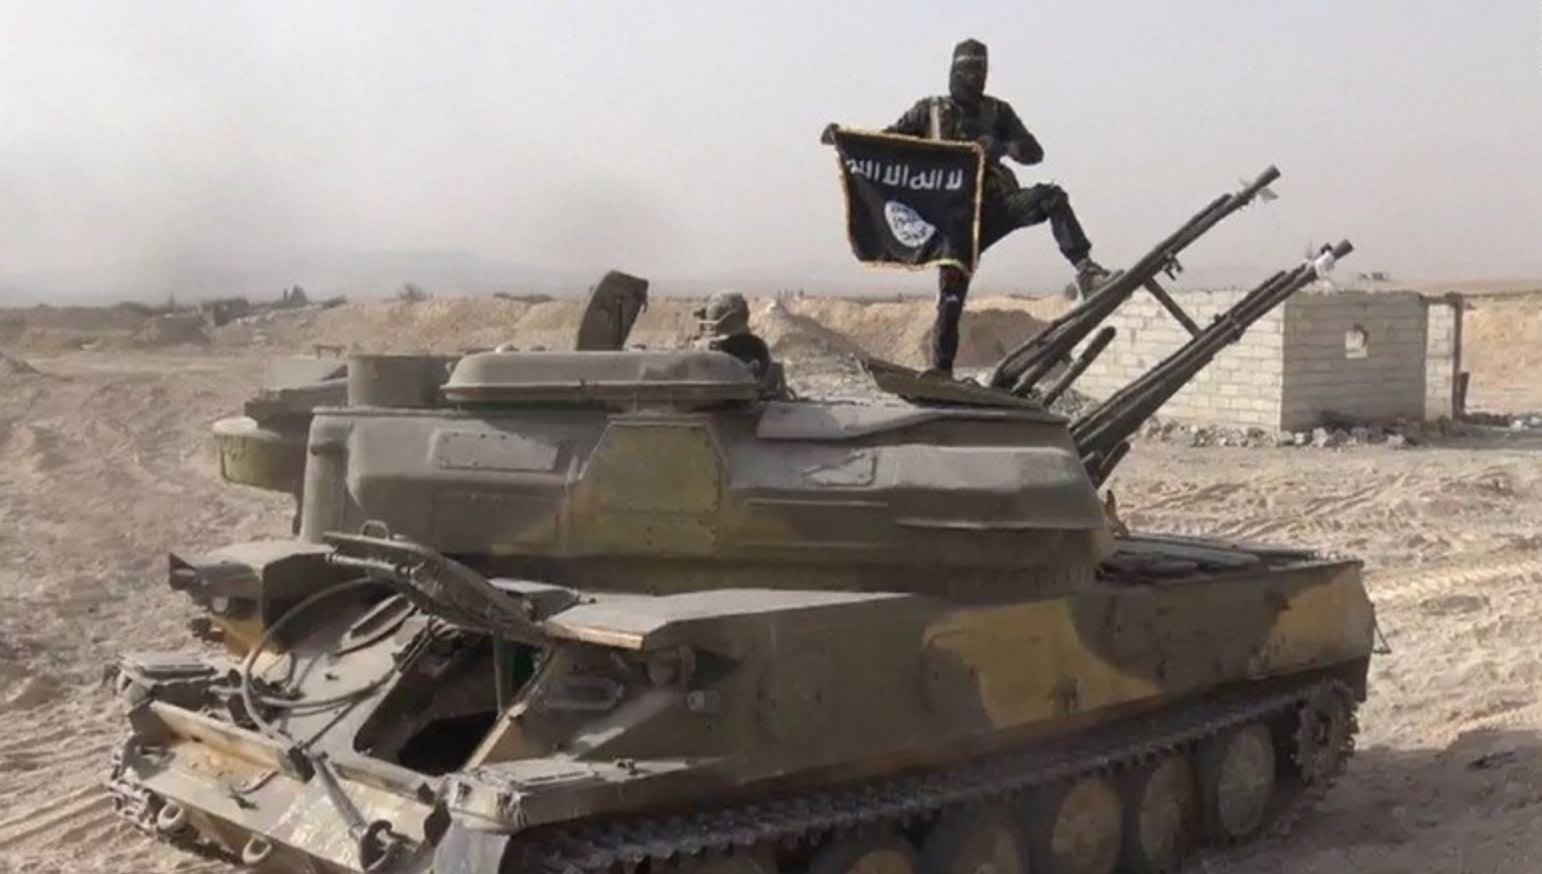 """الشرطة الأوروبية تحذر دول القارة: داعش يخطط لعمليات مثل هجمات باريس ولضربات """"كوماندوس"""""""